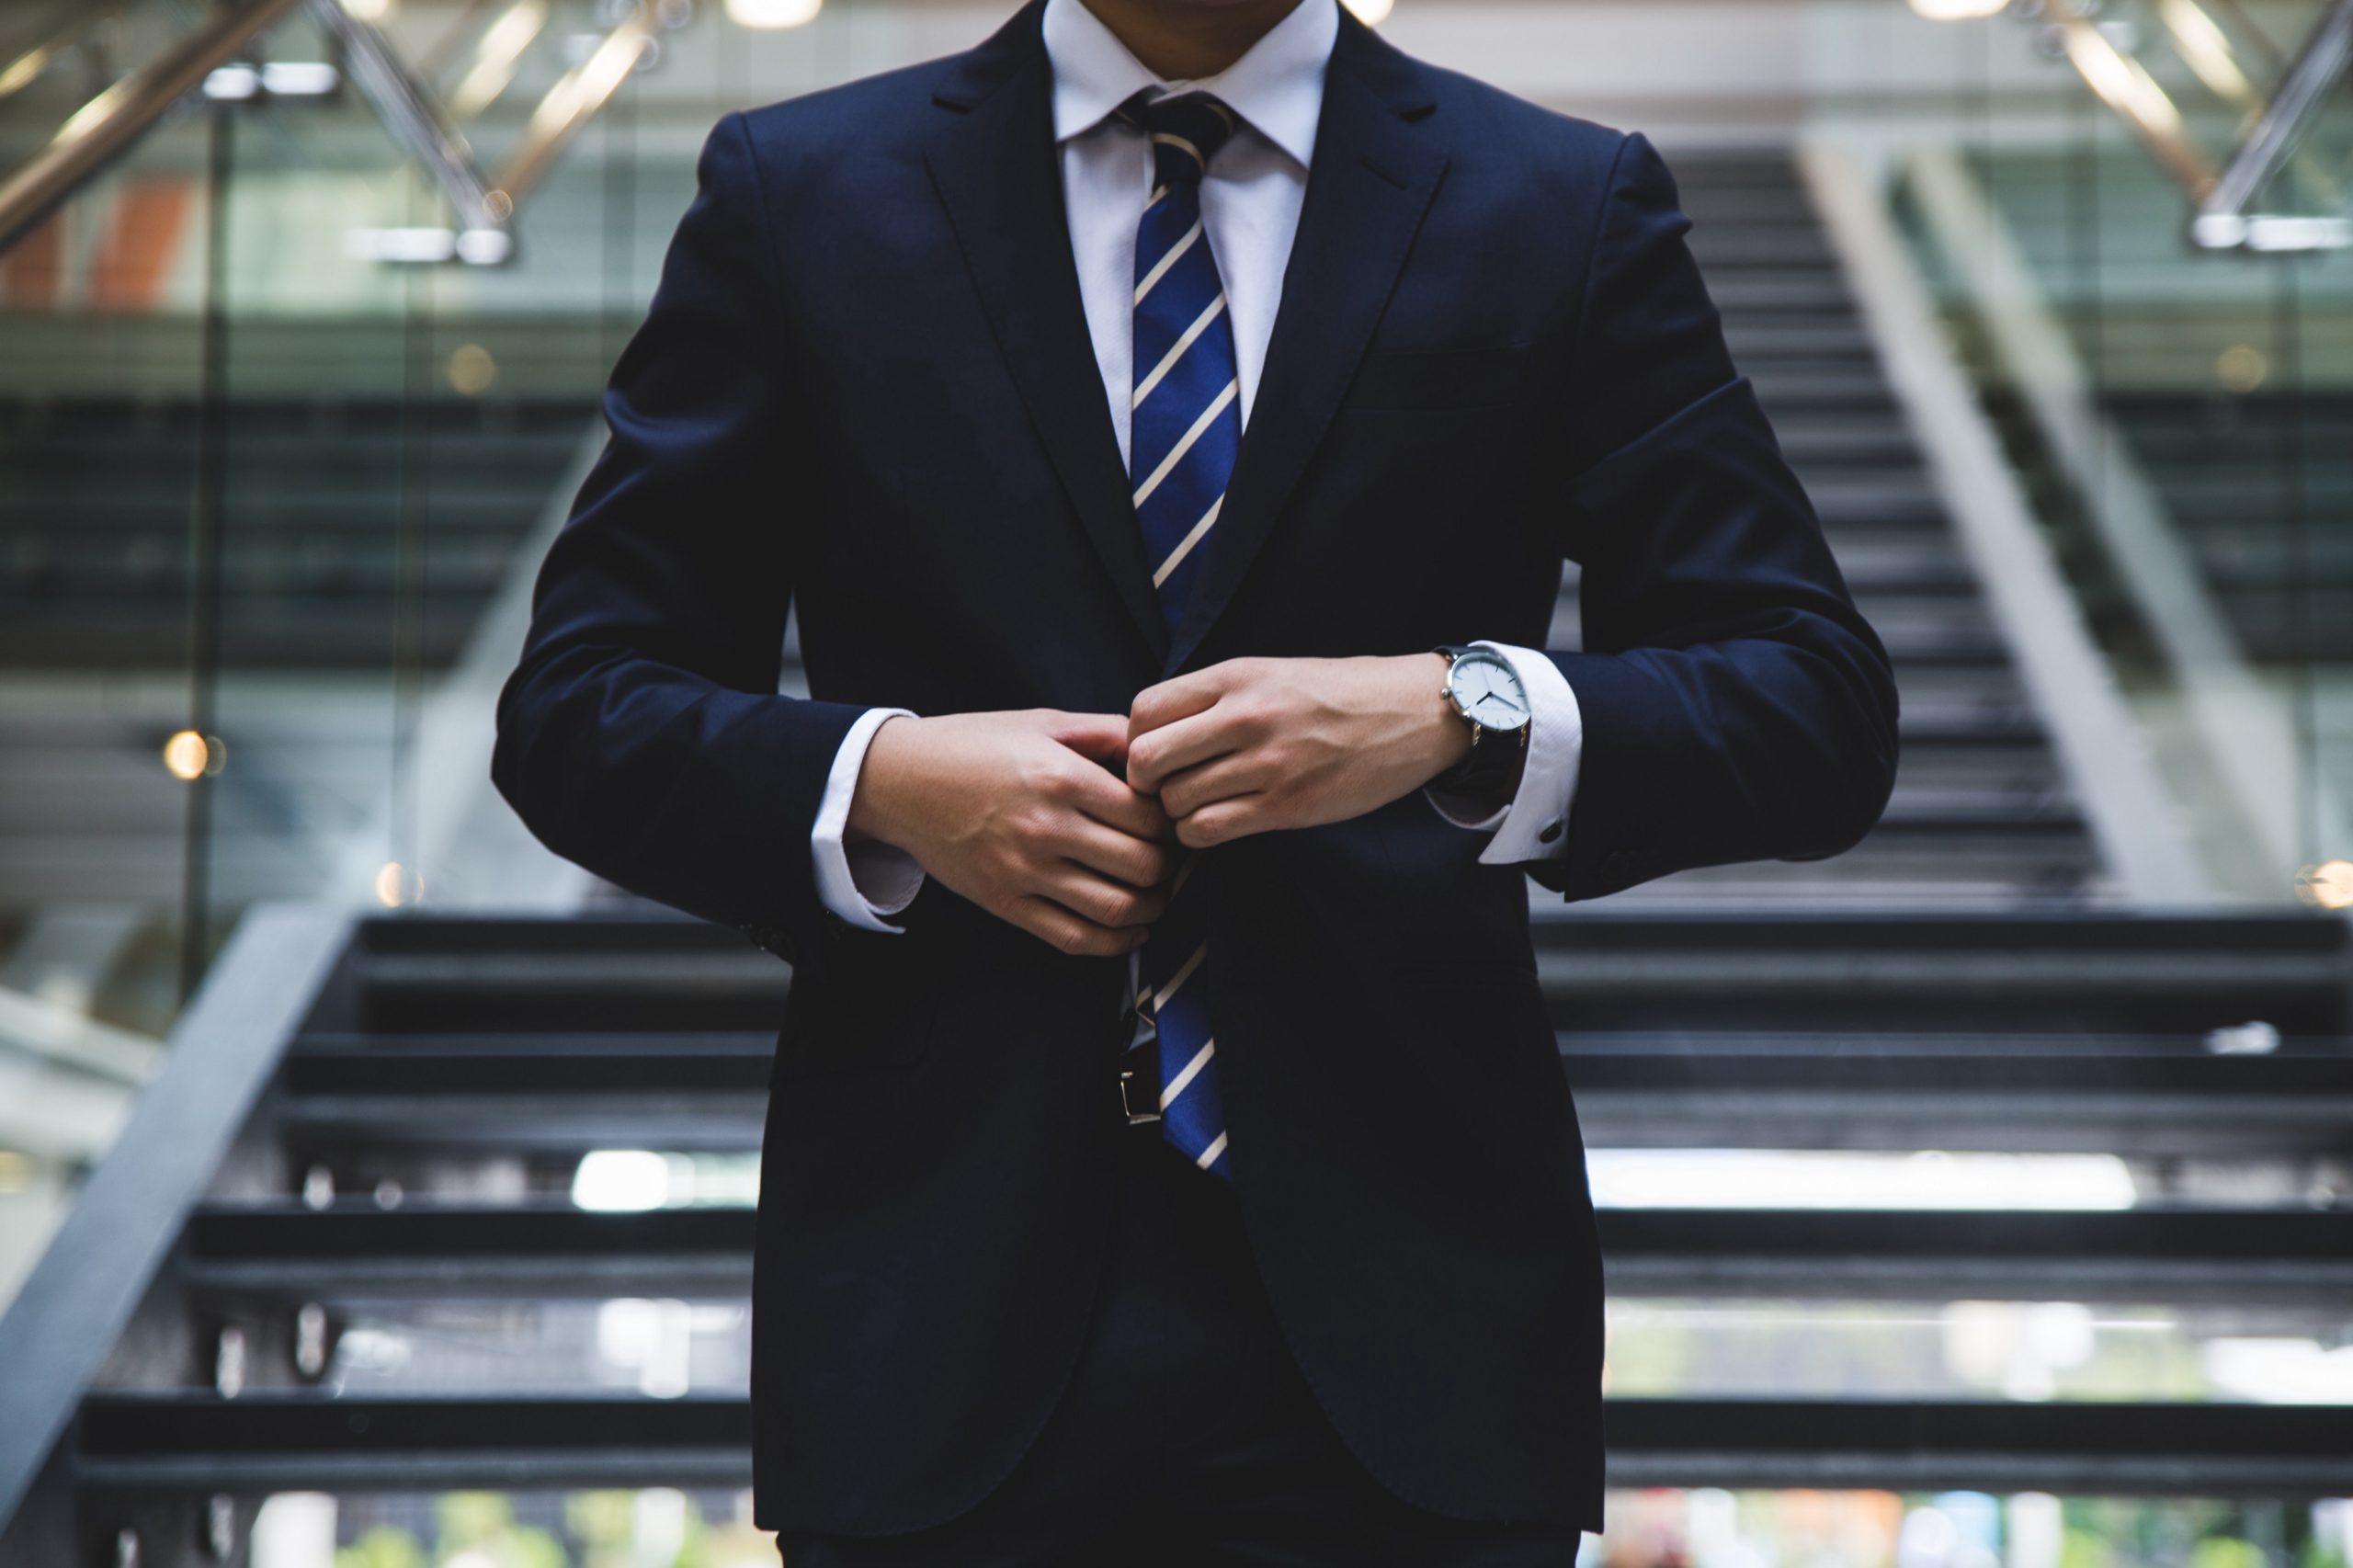 كيفية التحضير لمقابلة العمل: 8 نصائح لإجرا ئها ناجحة